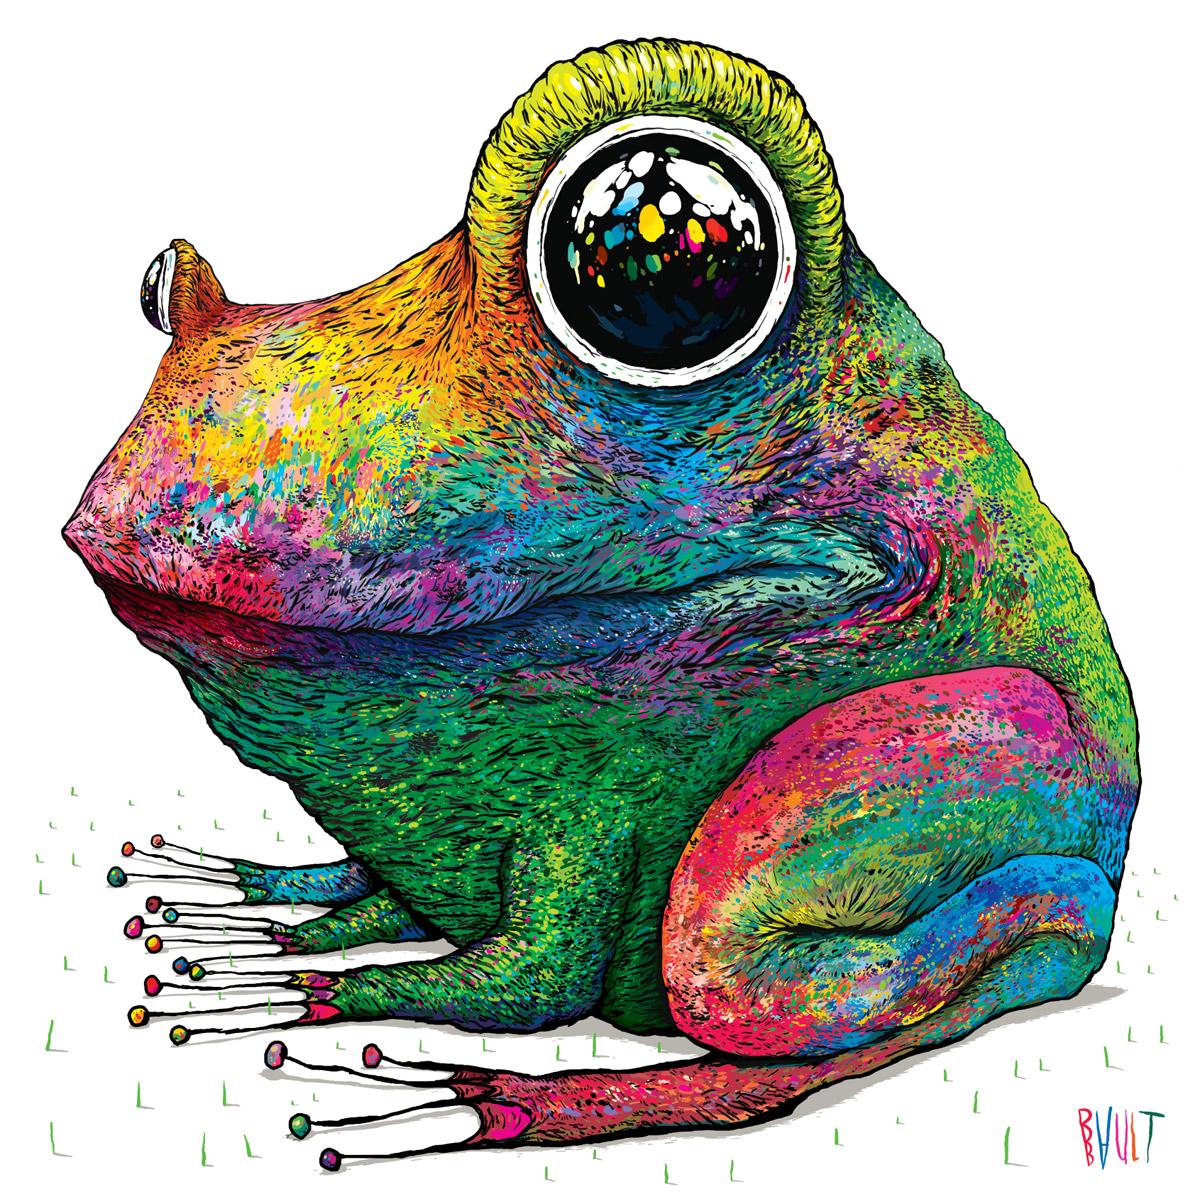 frog bault.jpg